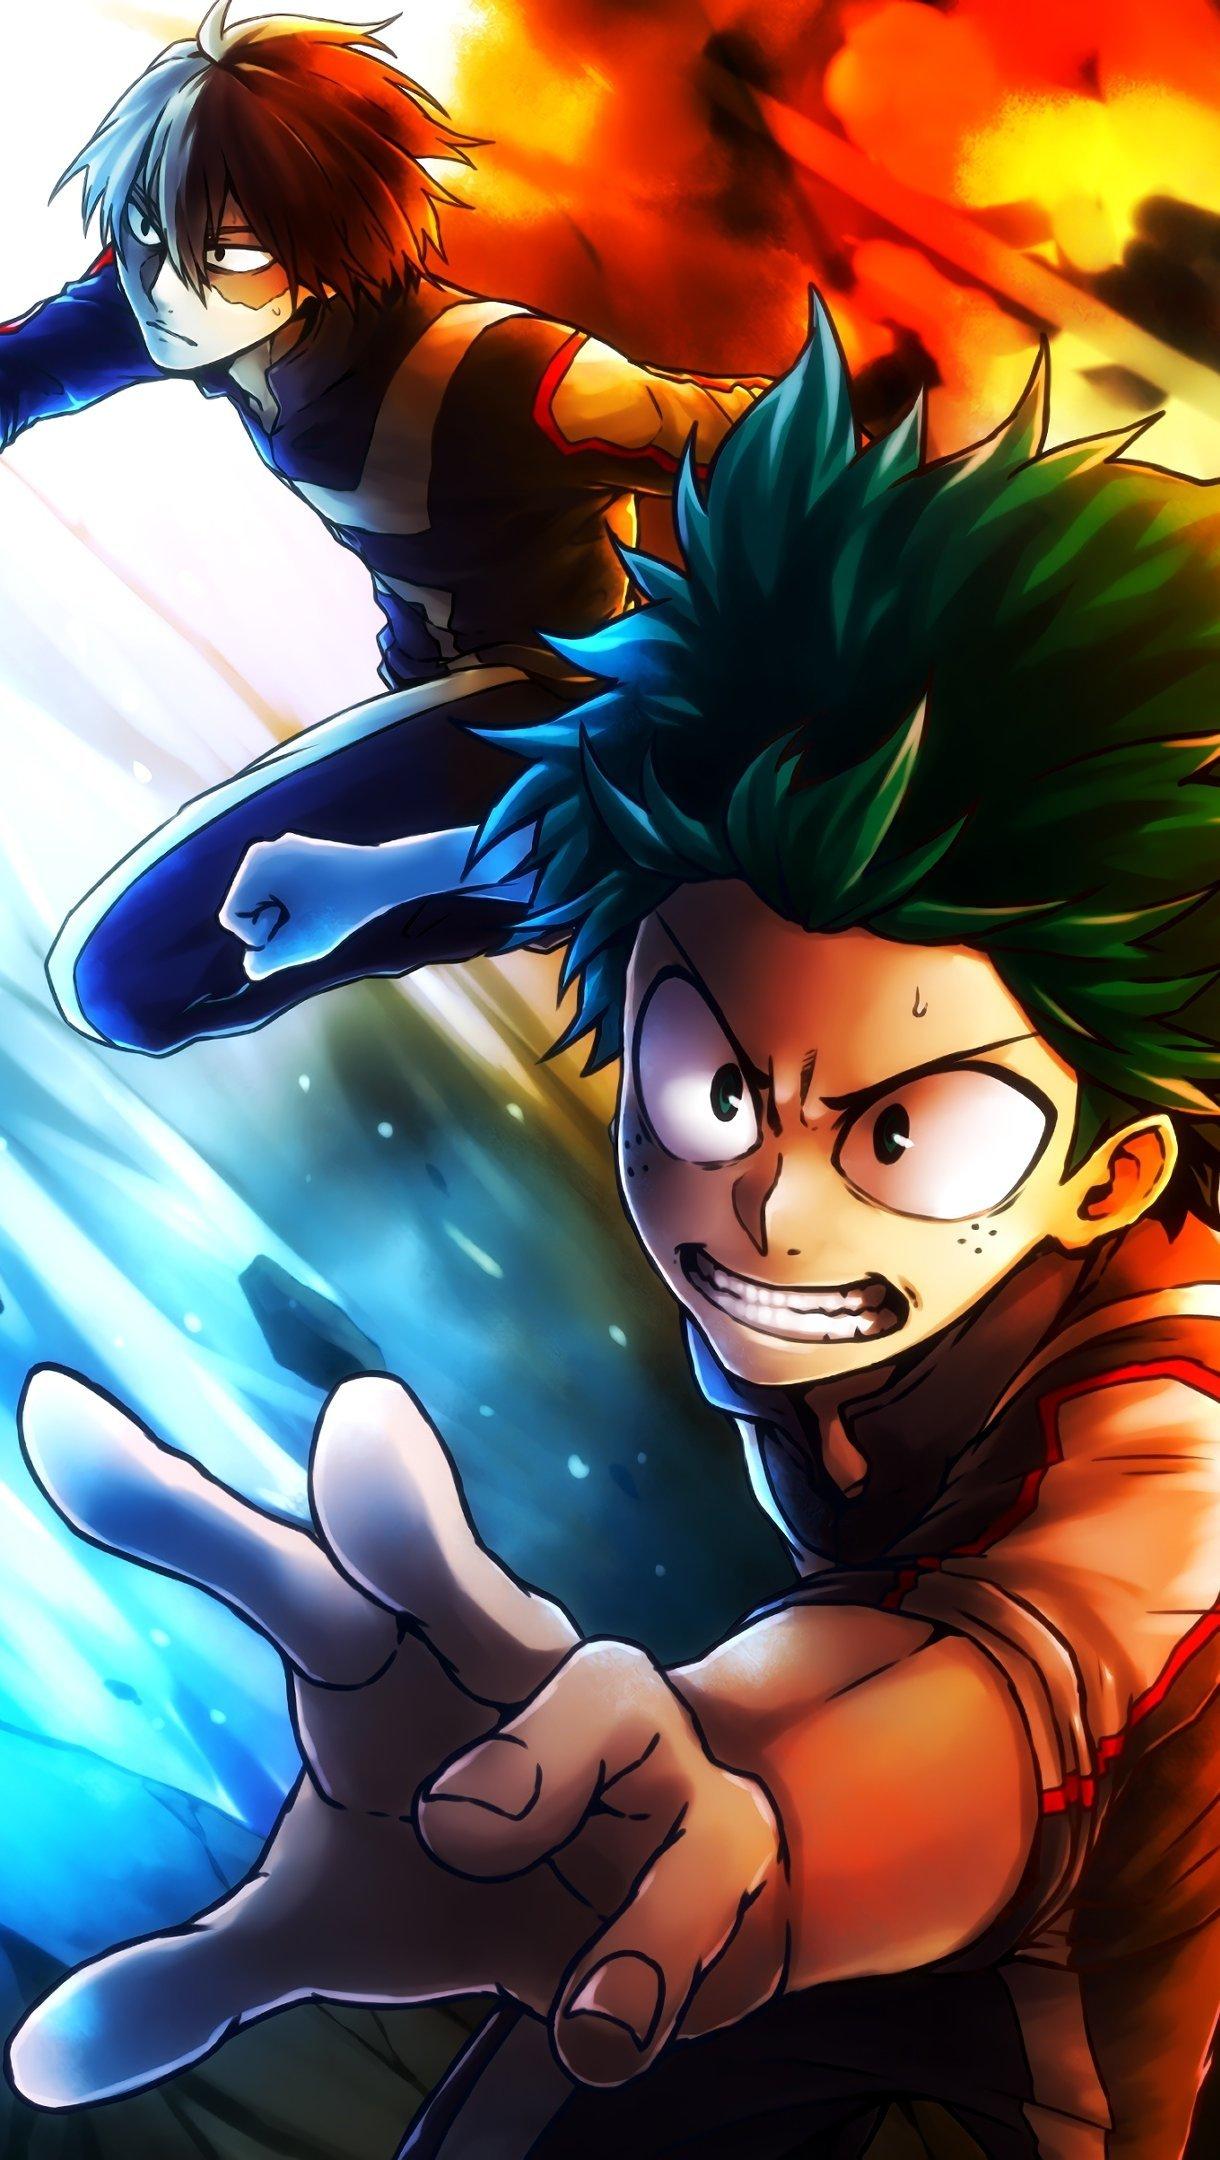 Fondos de pantalla Anime My Hero Academia Vertical